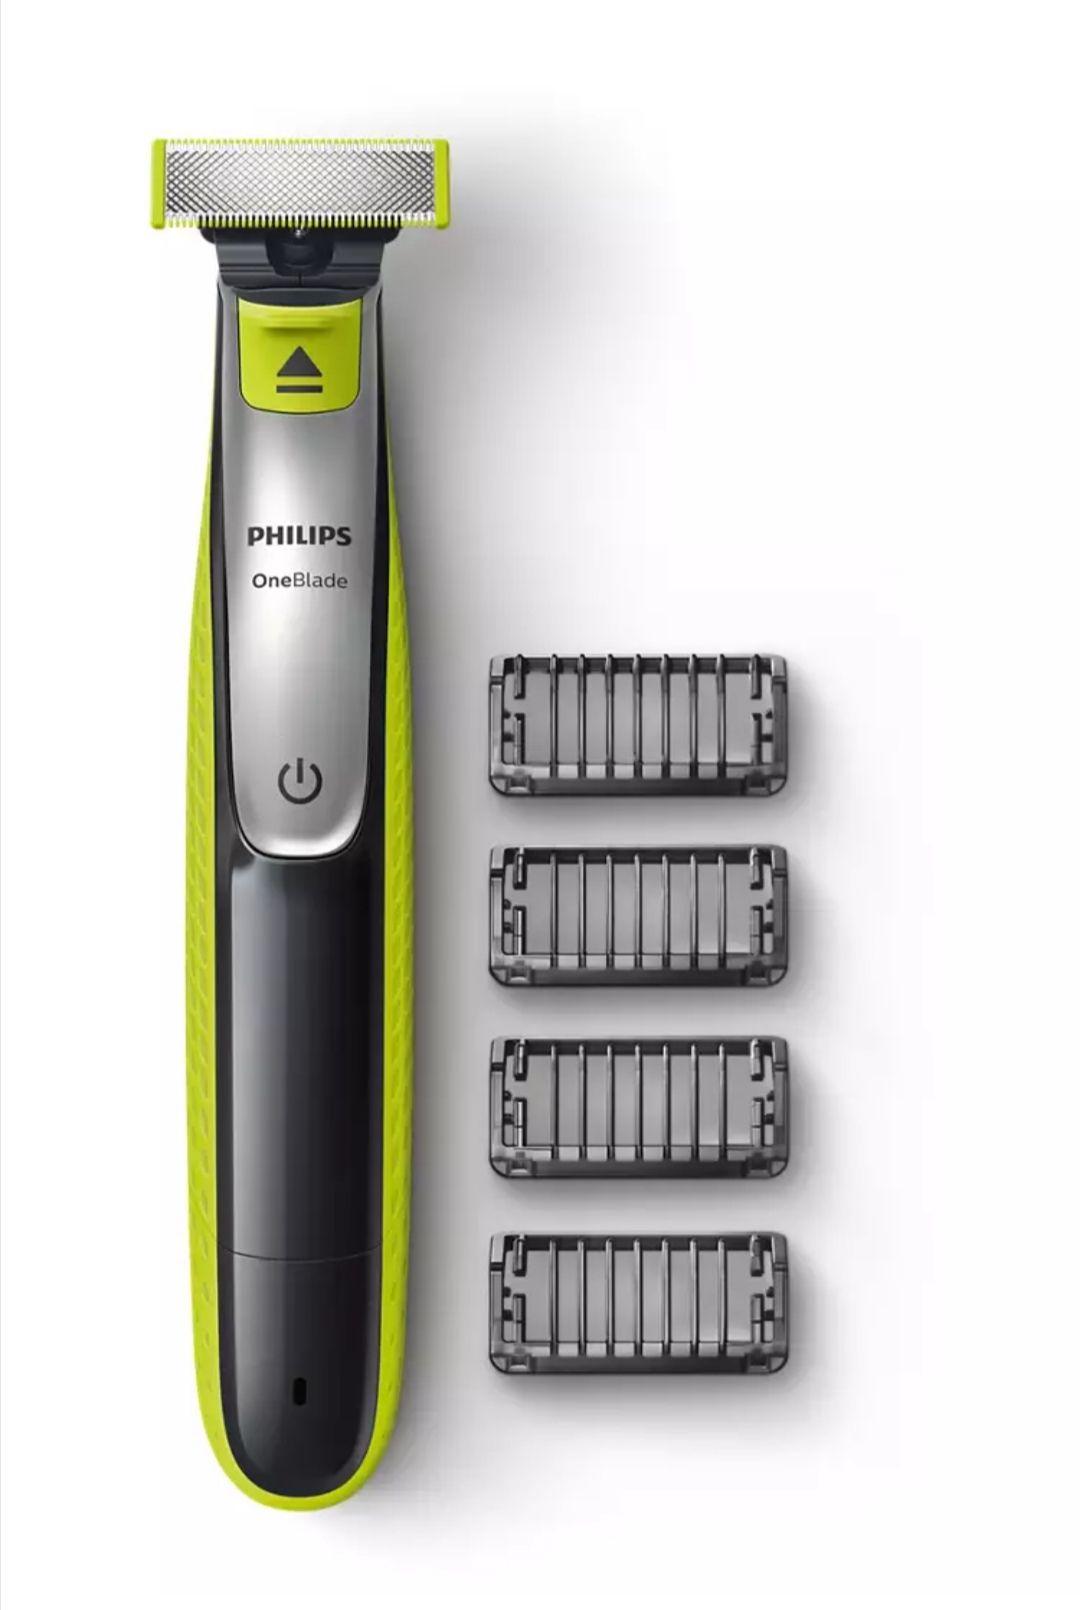 Philips OneBlade QP2530/20 Rasierer mit 4 Aufsätzen Wieder verfügbar / Shoop 20 % nicht vergessen